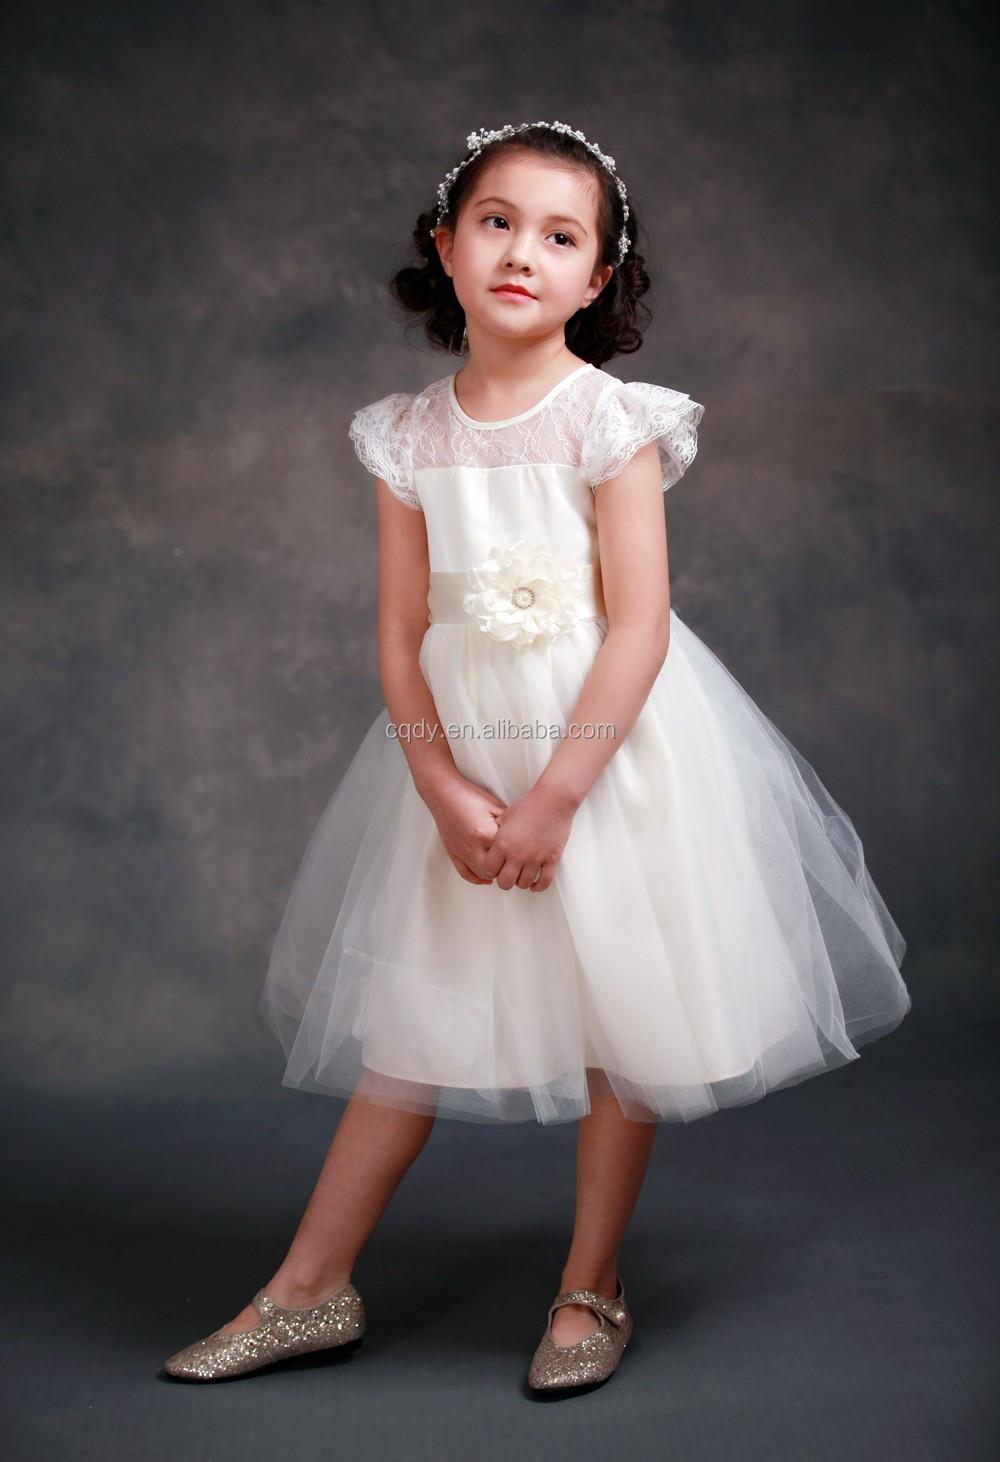 Weiße Kleider Für Hochzeit Kleider Flügelärmeln Spitze Schärpe Bogen  Mädchen Geburtstagsparty Kleid Reißverschluss Tüll Blumenmädchen Kleid -  Buy